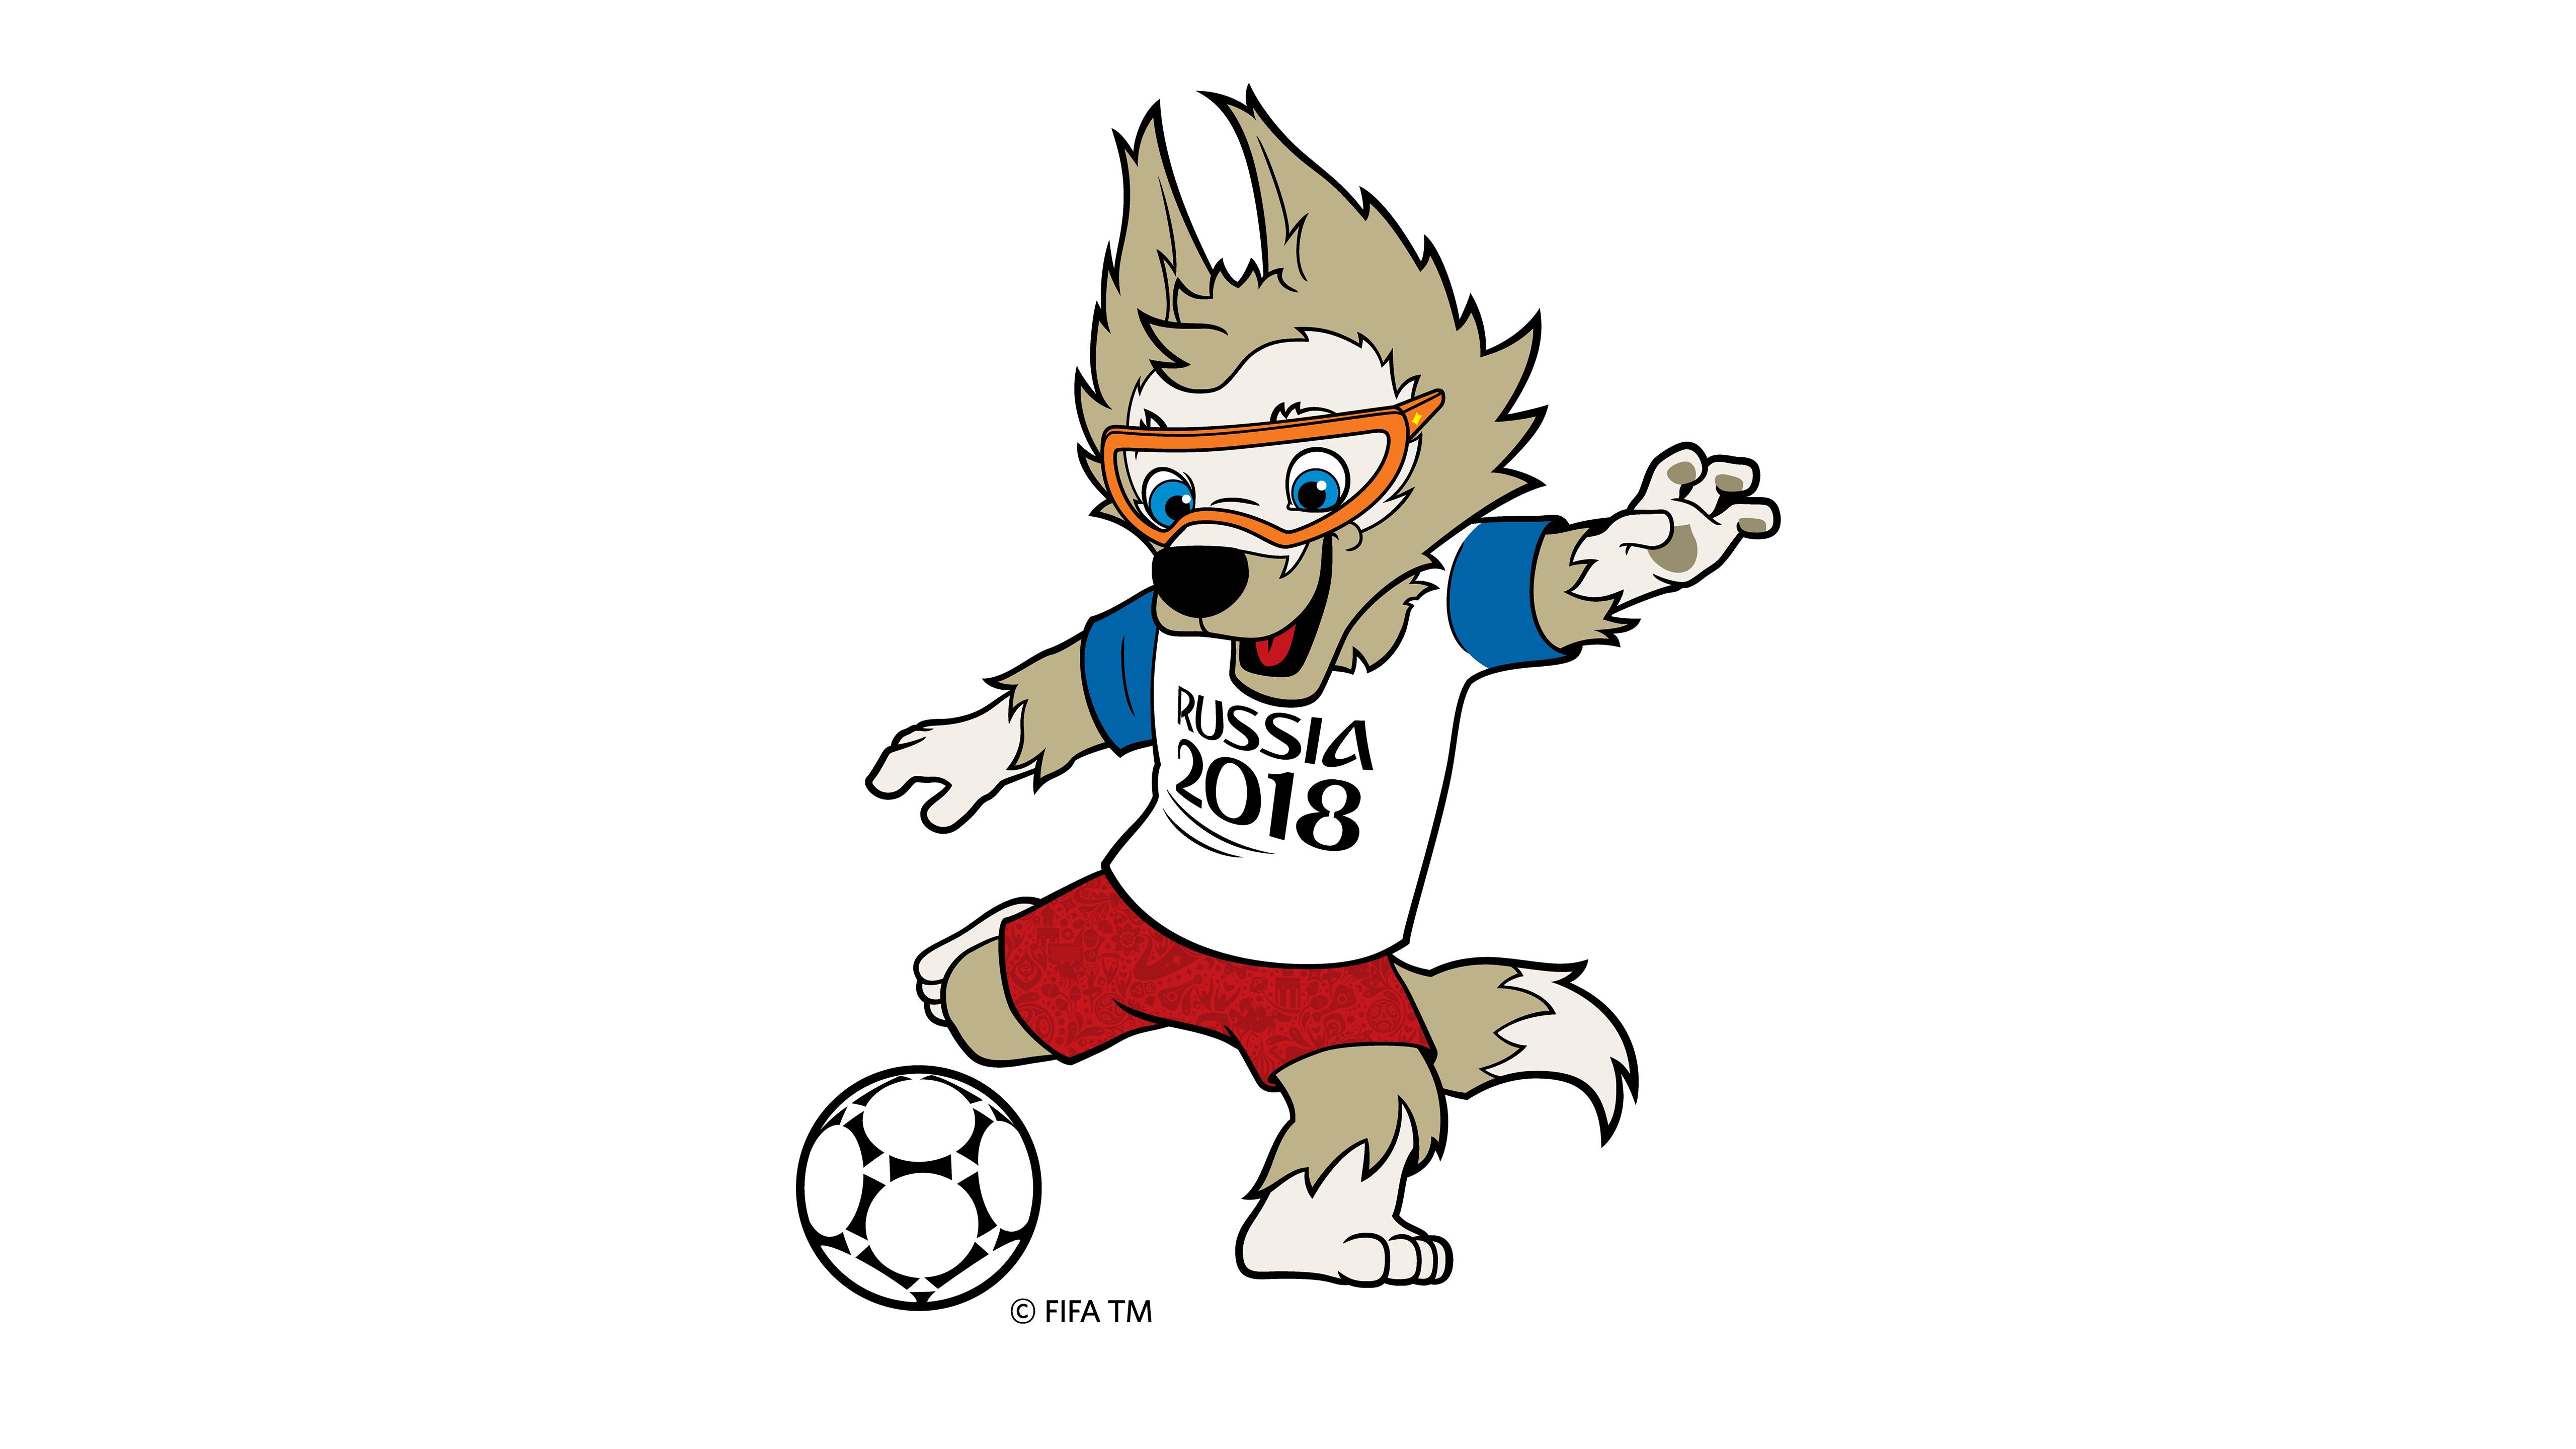 Картинки талисманов чемпионата мира по футболу